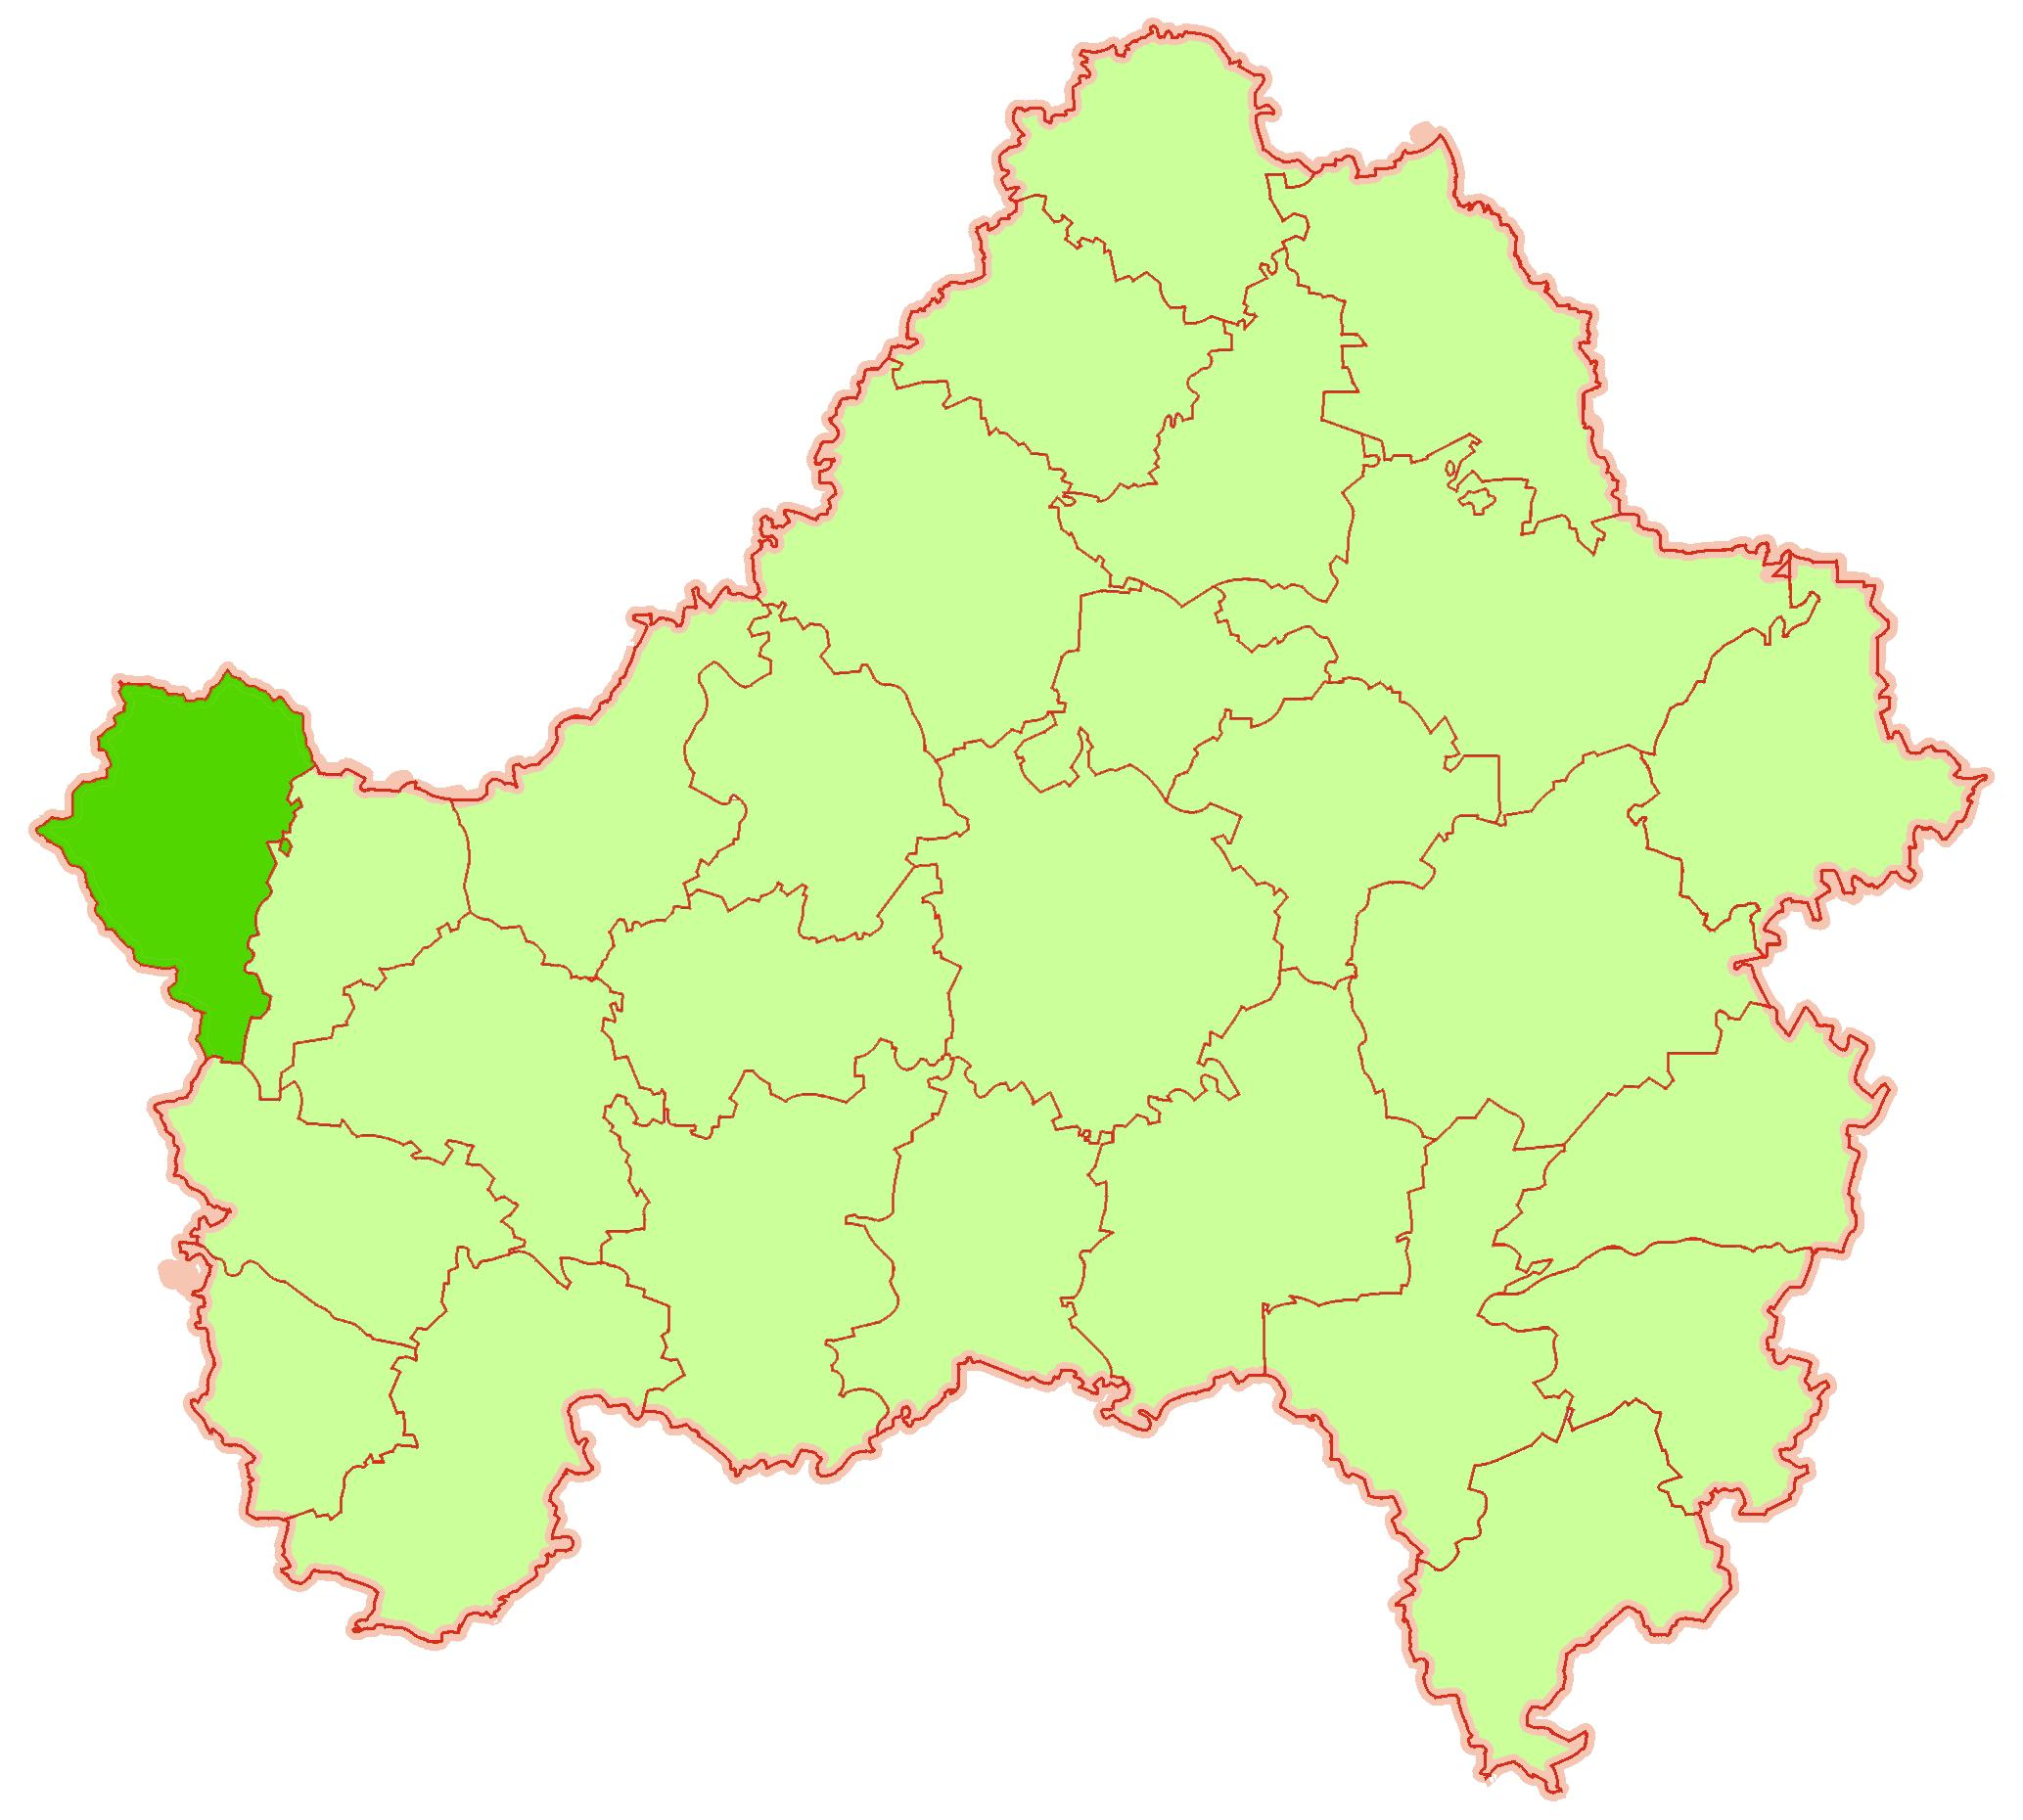 брянская область карта картинка наверное, первая